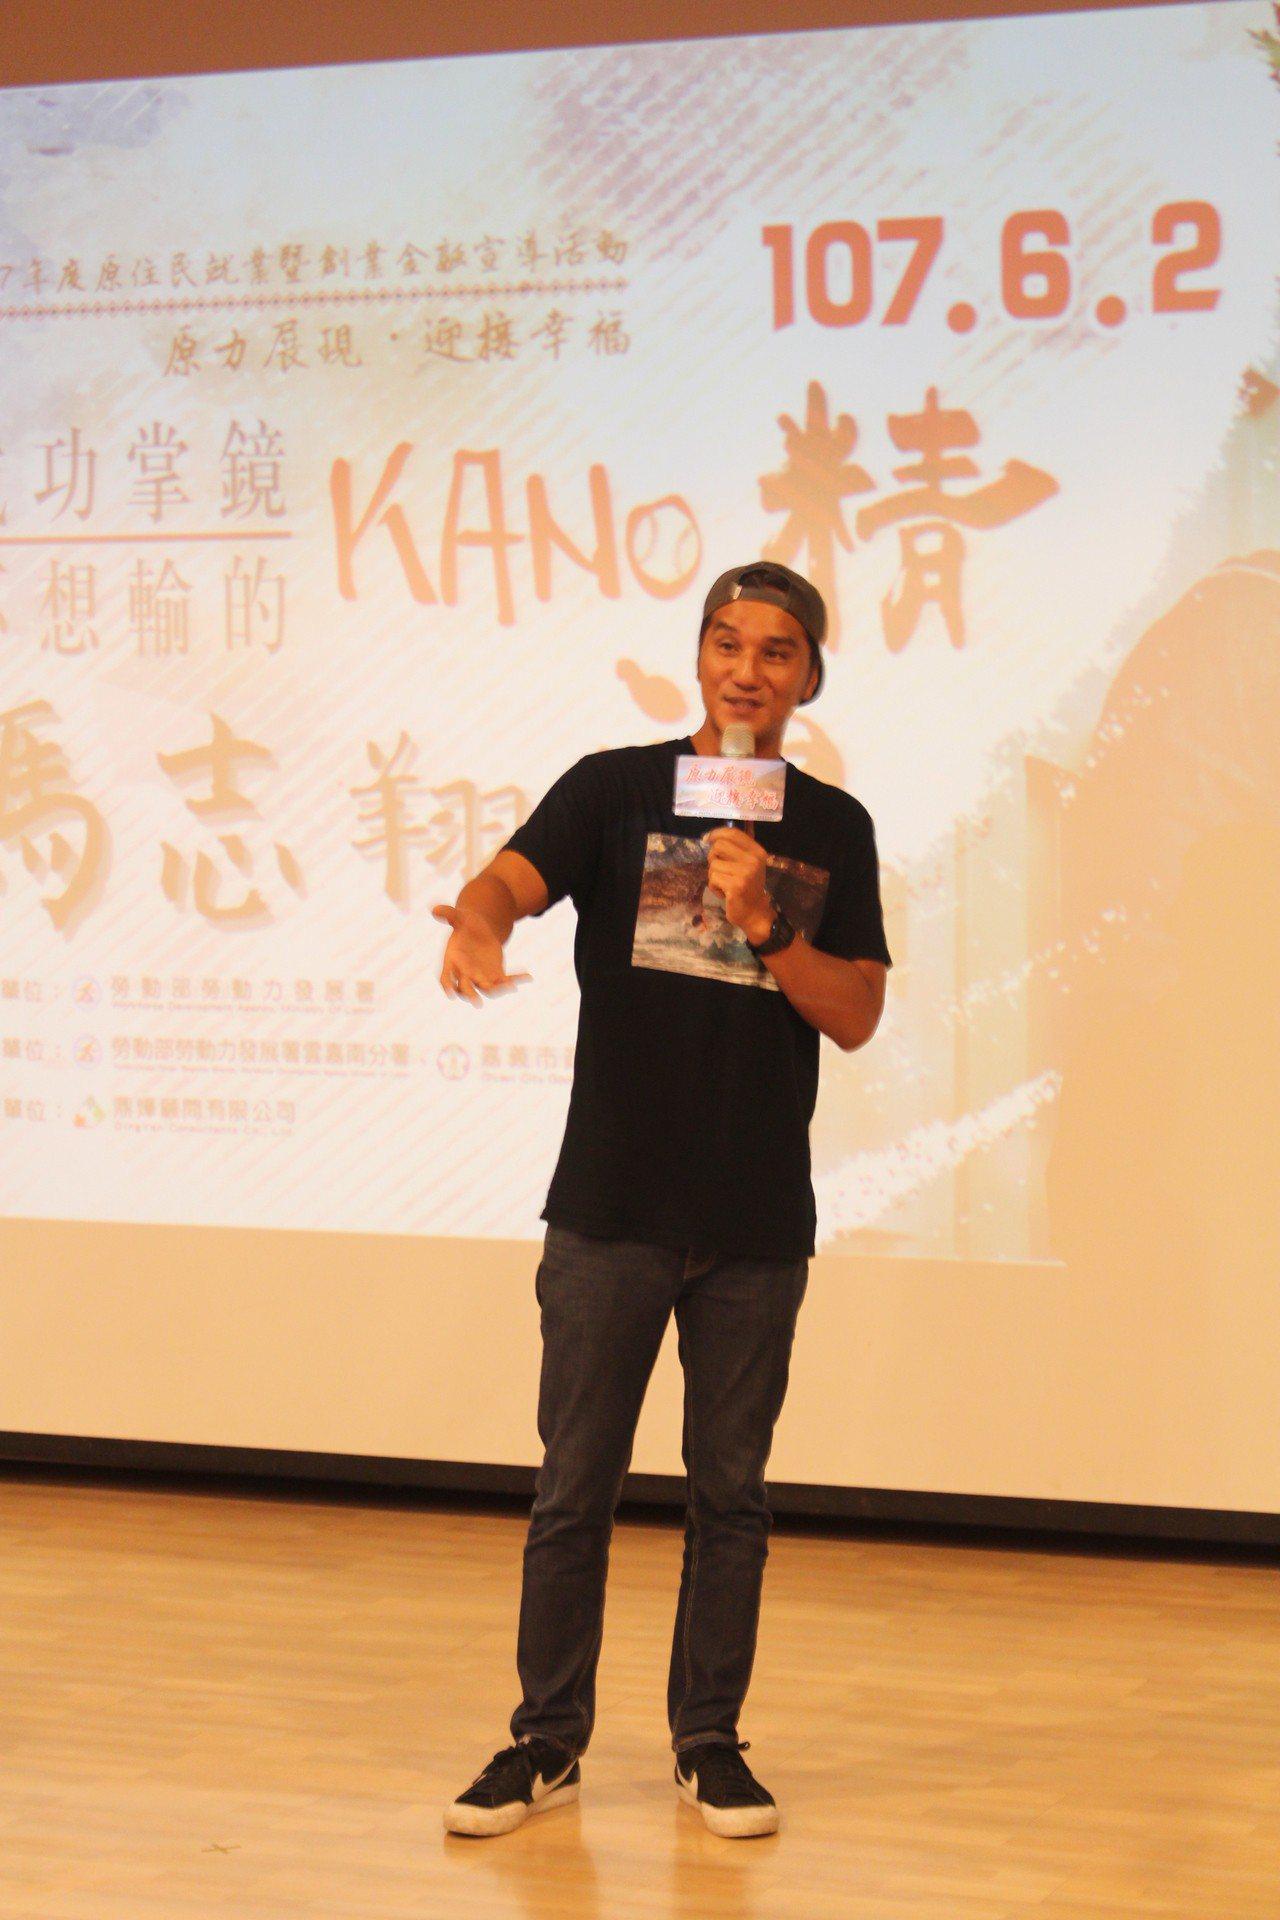 導演馬志翔今天到嘉義市分享個人職涯「成功掌鏡、不想輸的KANO精神」,贏得滿堂彩...